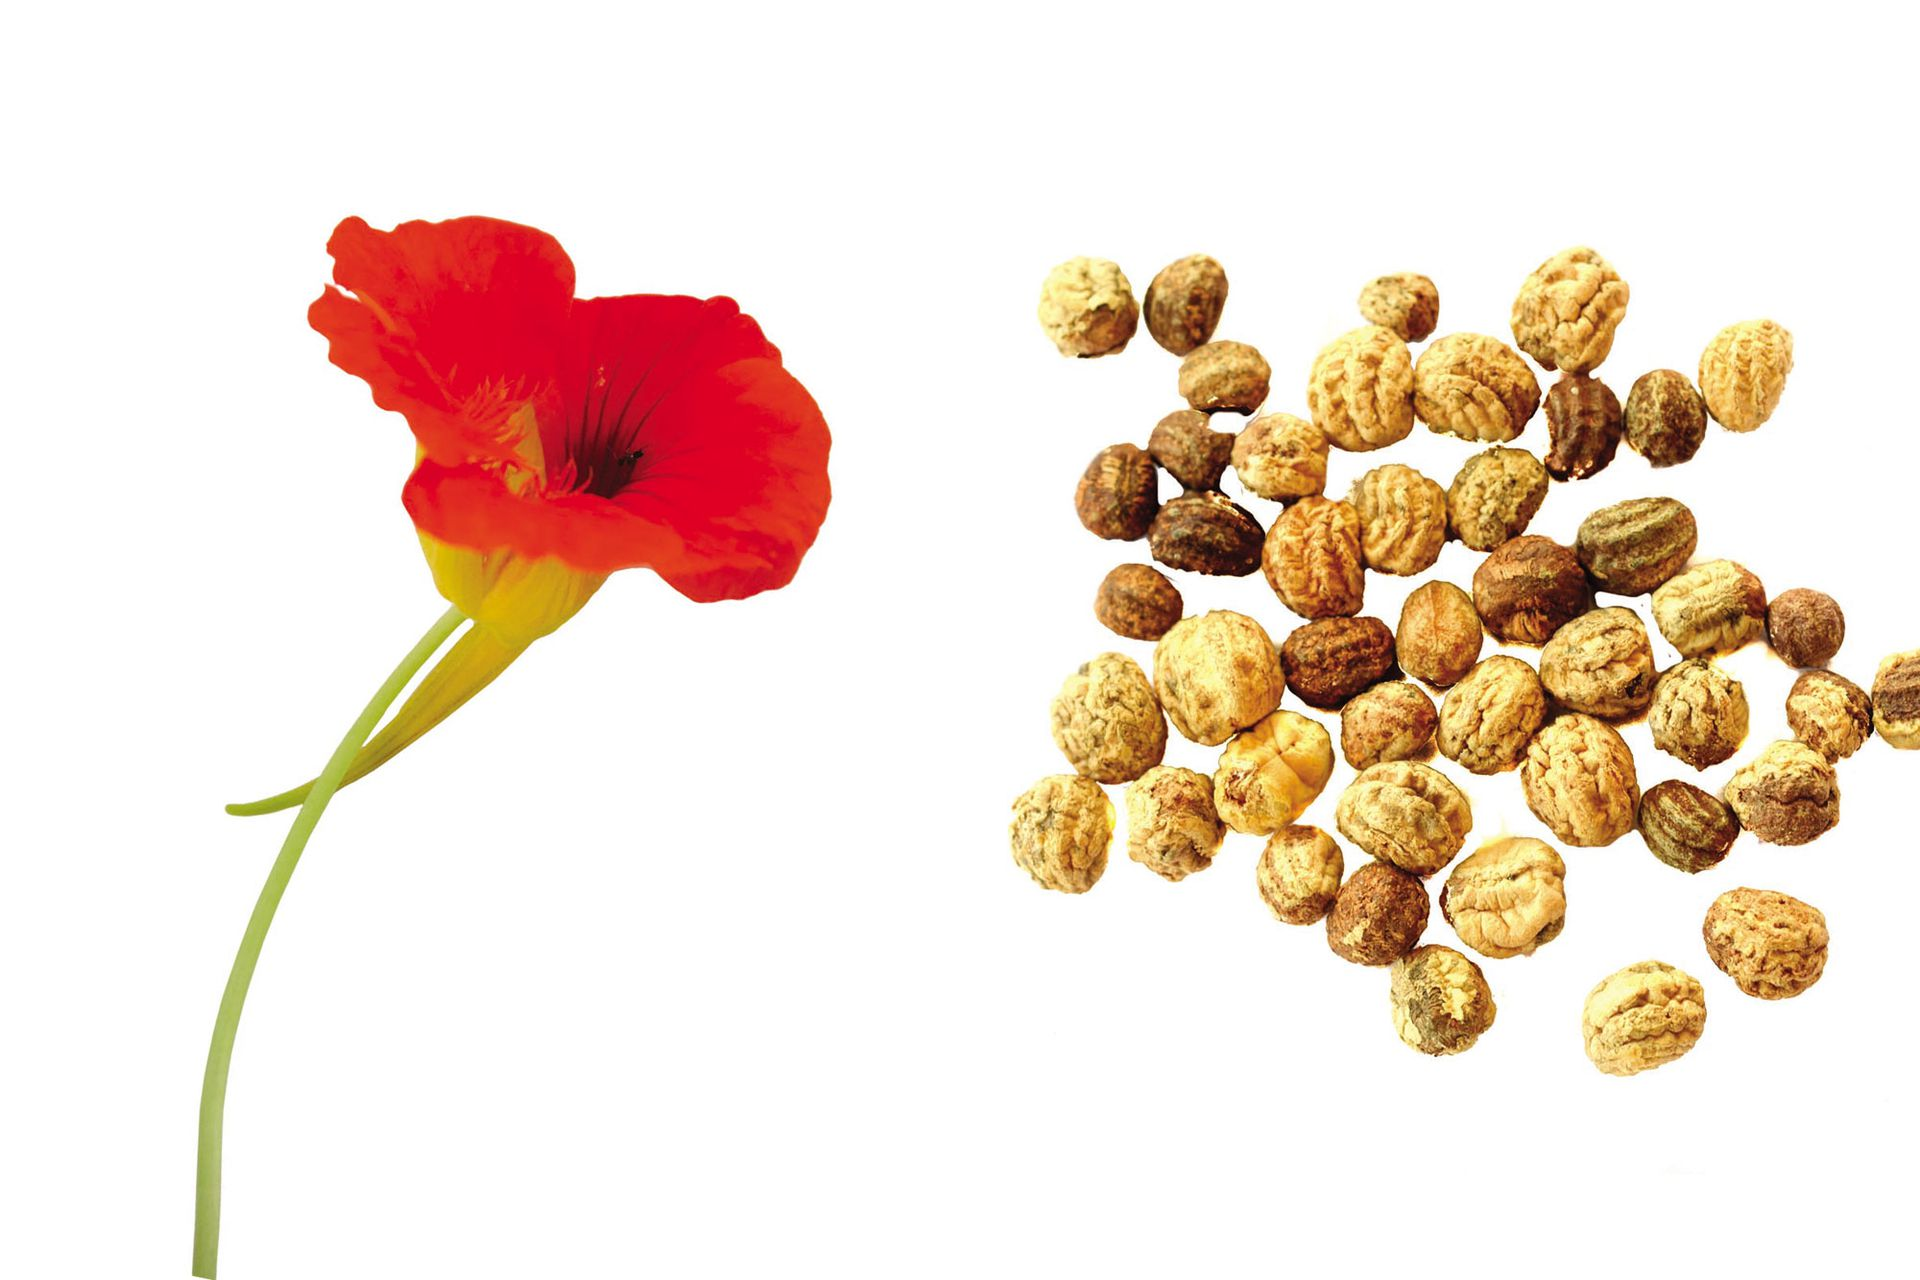 Flor y semillas de taco de reina. Se siembra entre marzo y mayo y puede cosecharse entre junio y octubre.